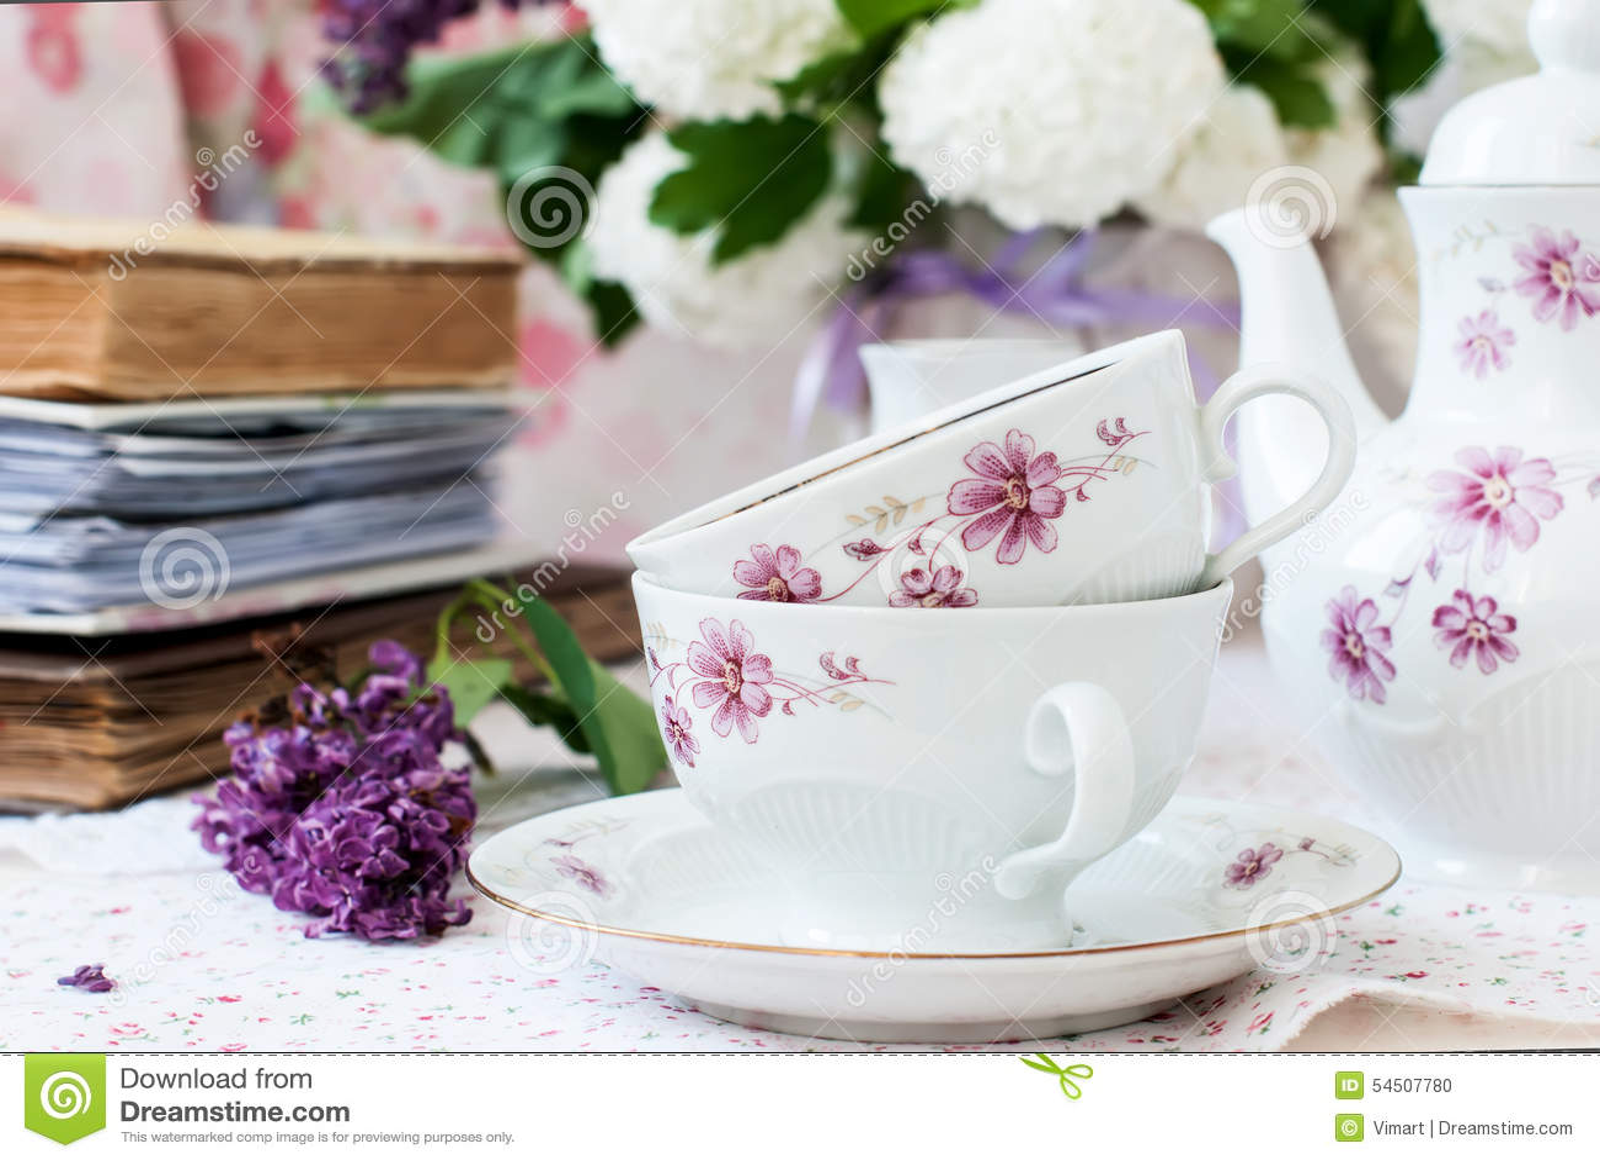 Fleurs lilas de groupe dans une cuvette